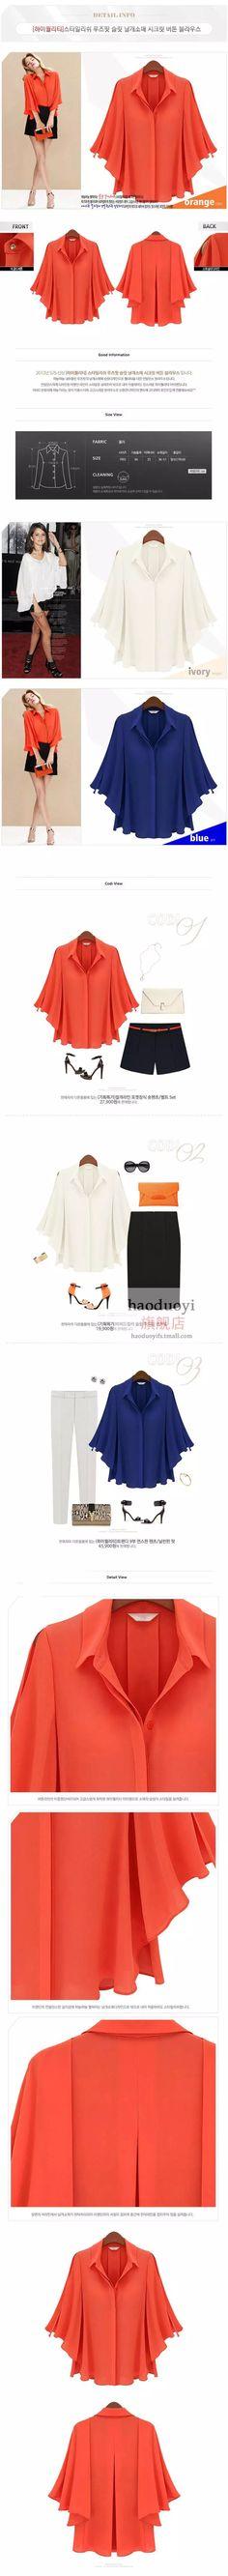 Avrupa ve Amerikan sokak kelebek parlak boynuz kollu gömlek kadın gevşek dalga hem şifon gömlek Haoduoyi-tmall.com Lynx